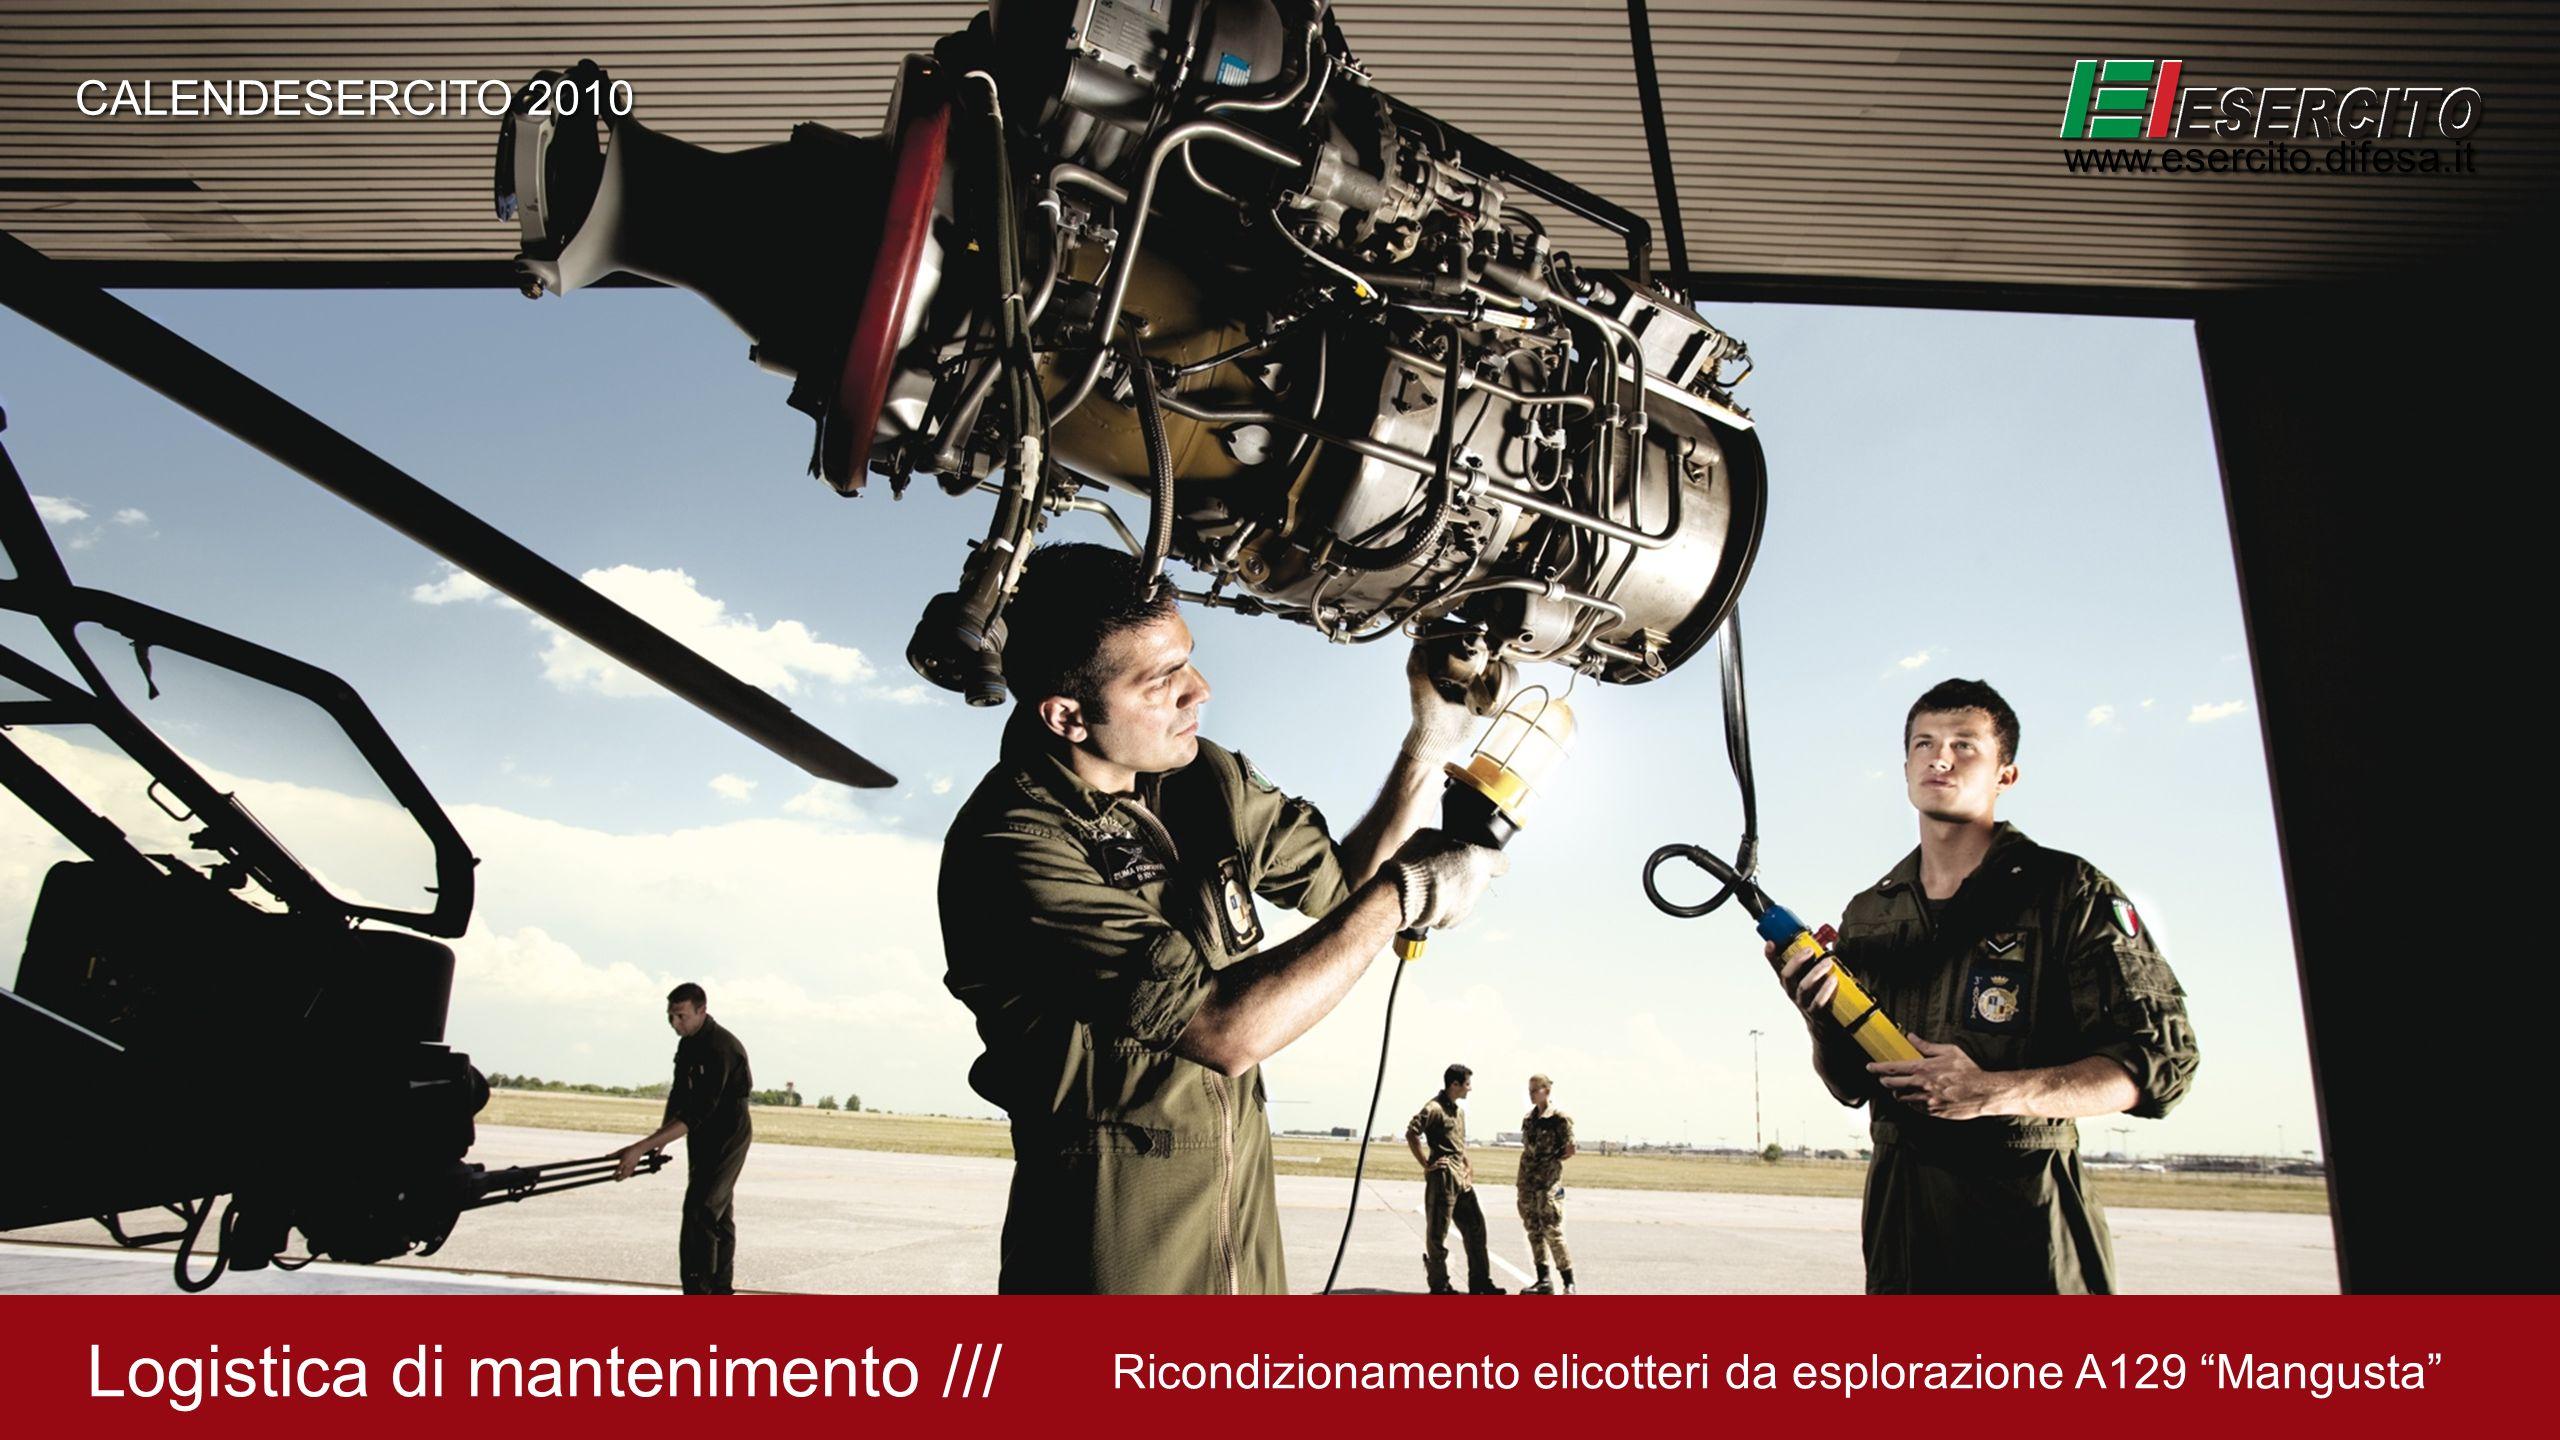 Logistica di mantenimento /// Ricondizionamento elicotteri da esplorazione A129 Mangusta CALENDESERCITO 2010 www.esercito.difesa.it